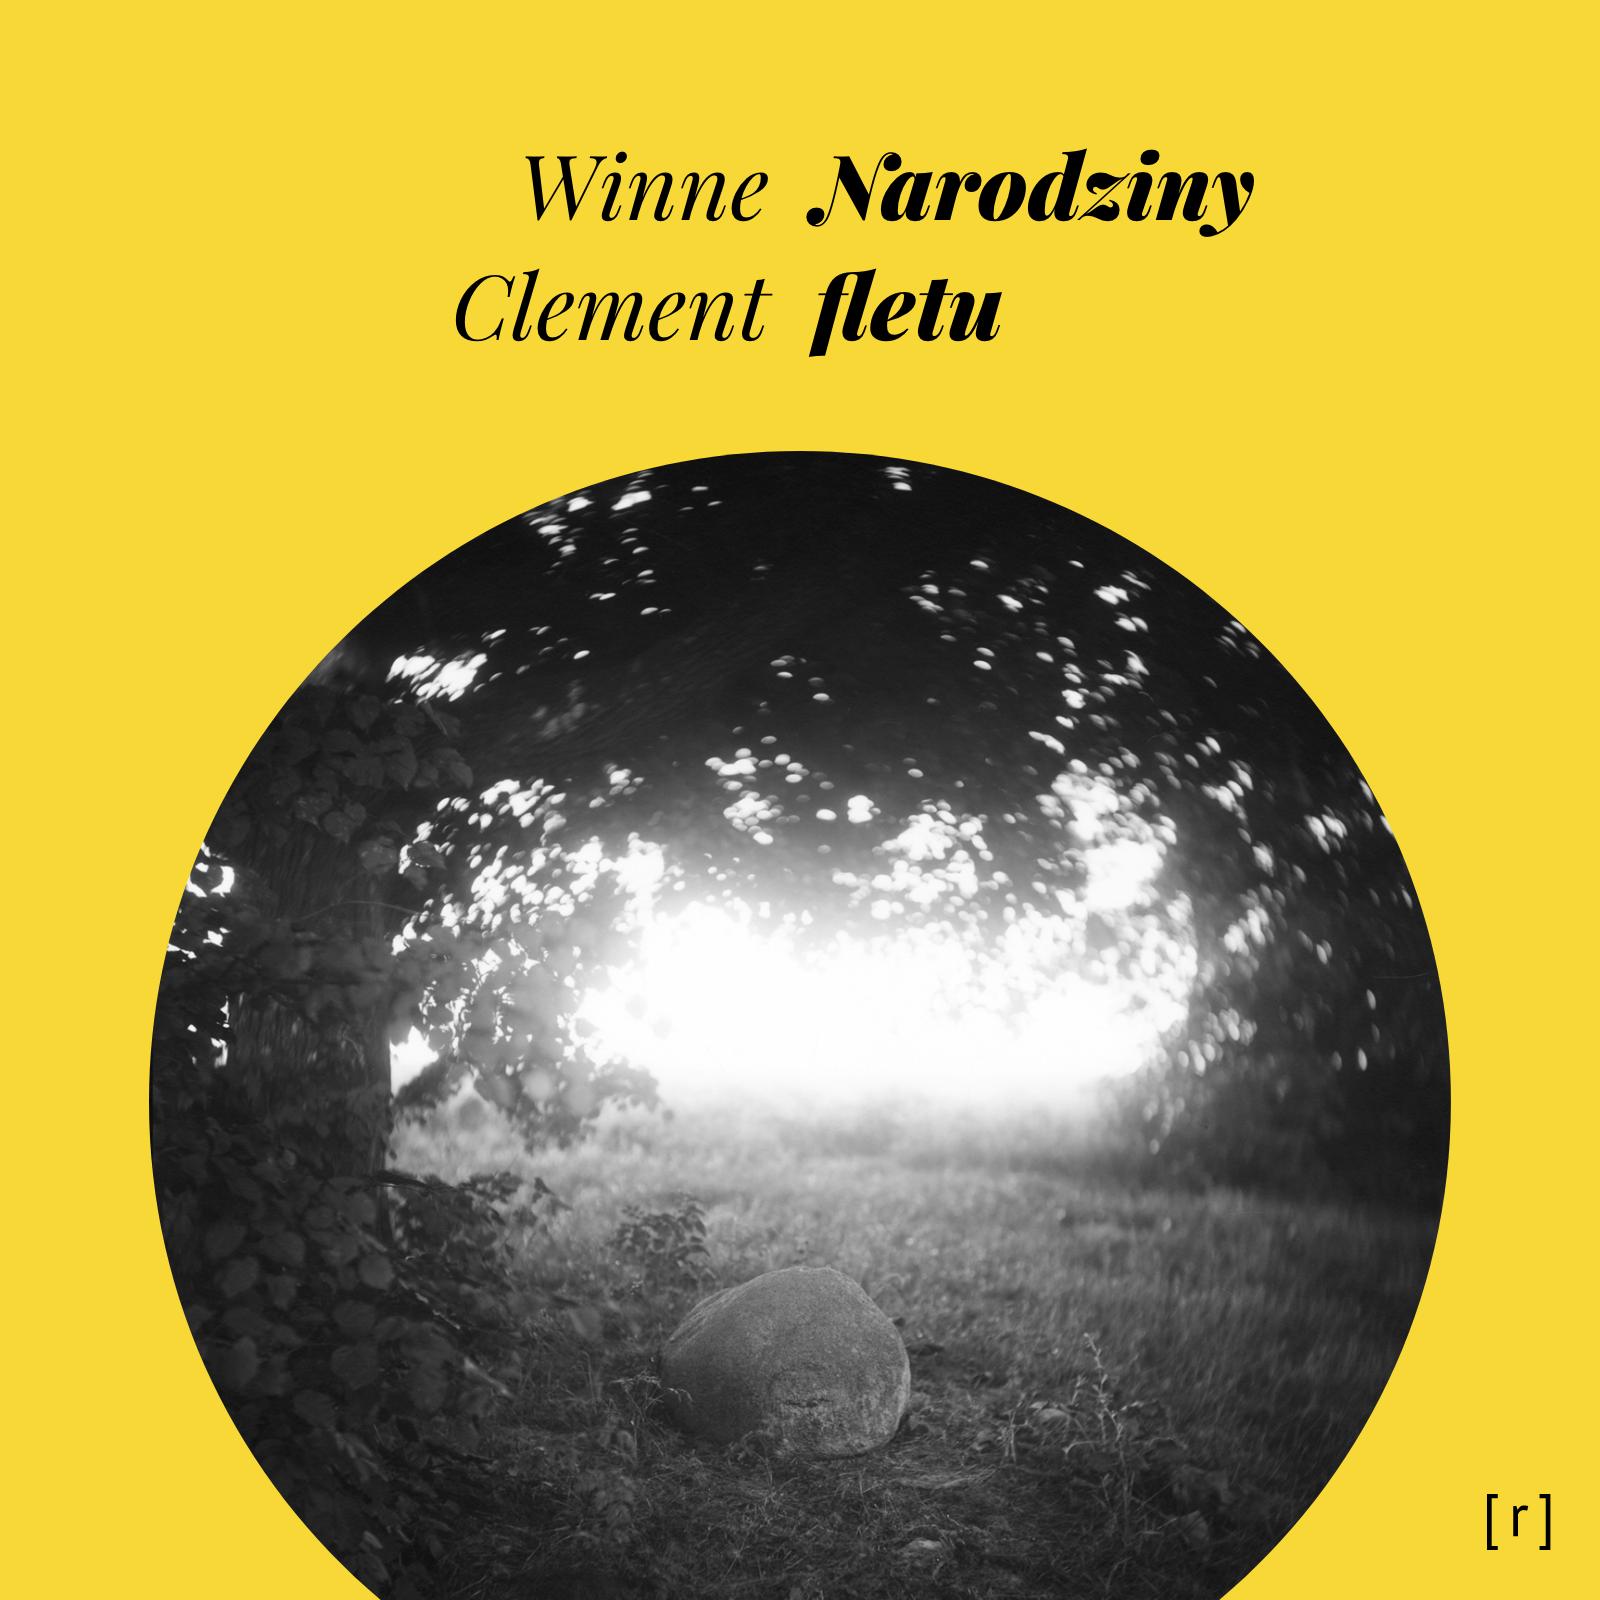 Winne Clement : Narodziny fletu